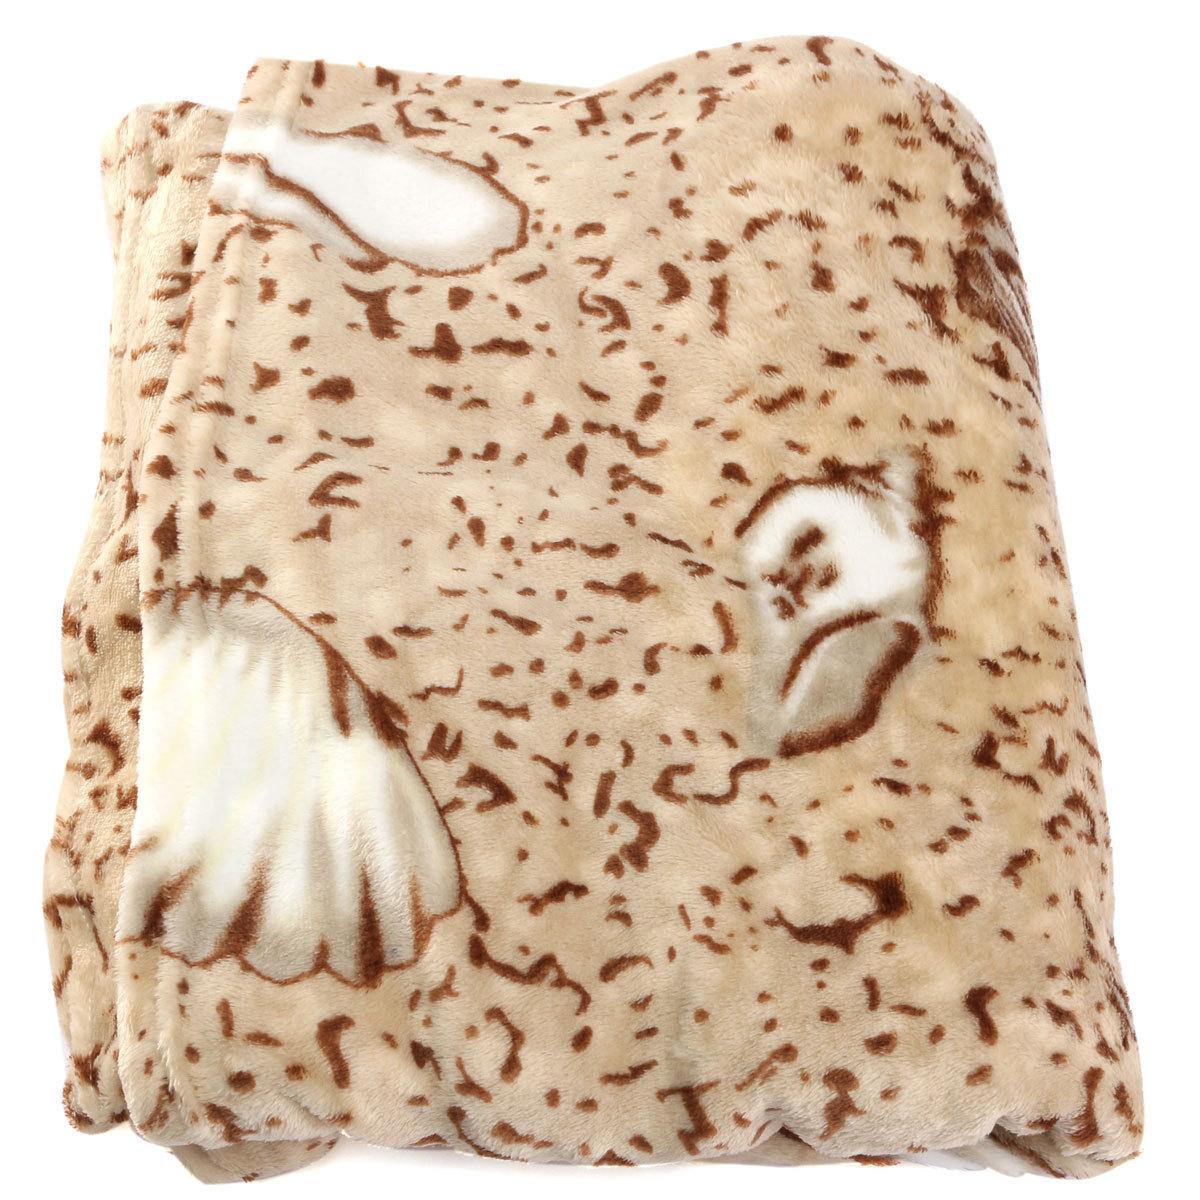 Drap Lit Matelas Couvre Couverture Canapé Douillette tapis